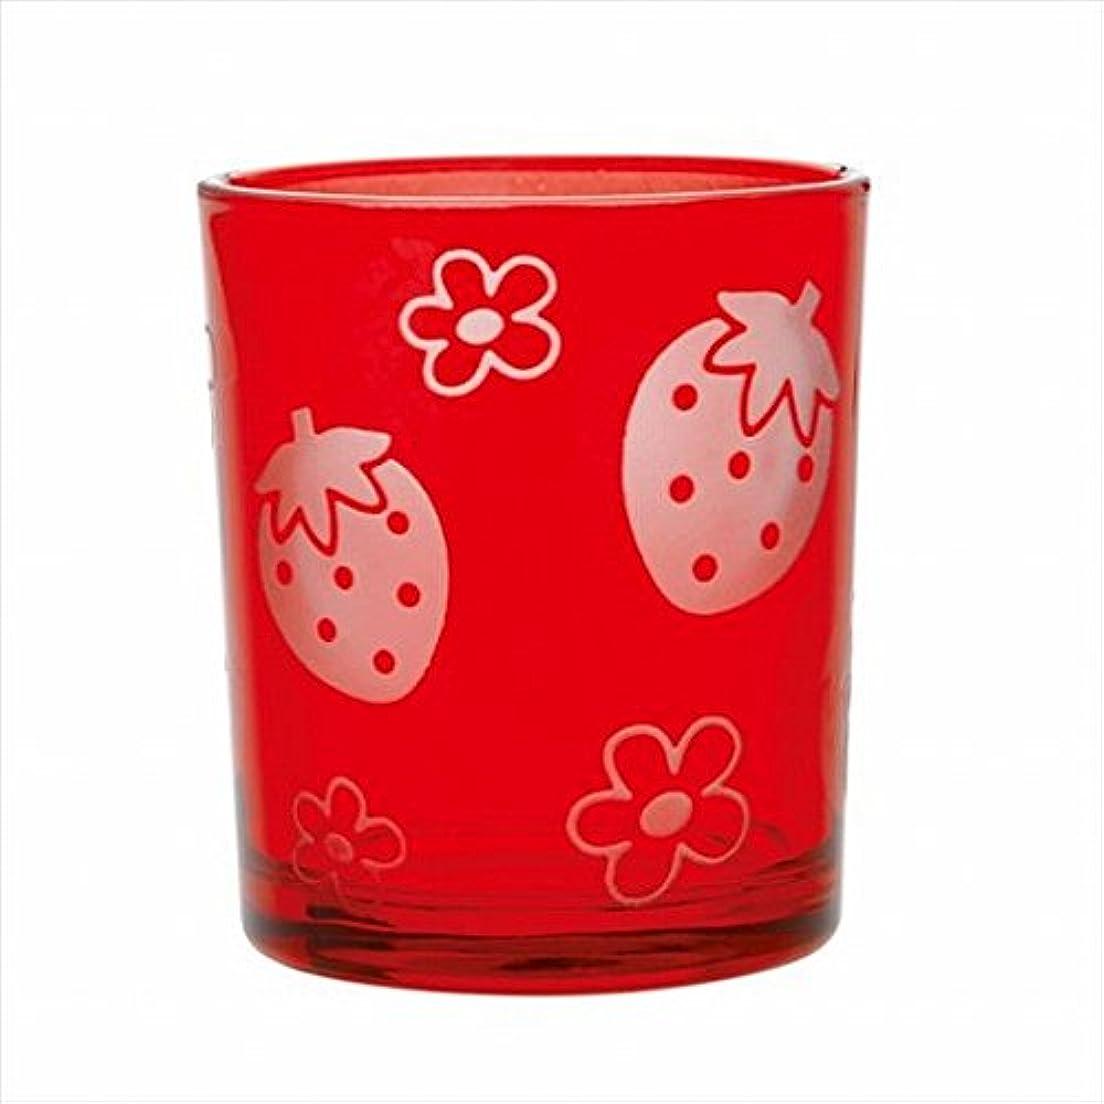 巡礼者合体不適切なsweets candle いちごフロストカップ 「 レッド 」